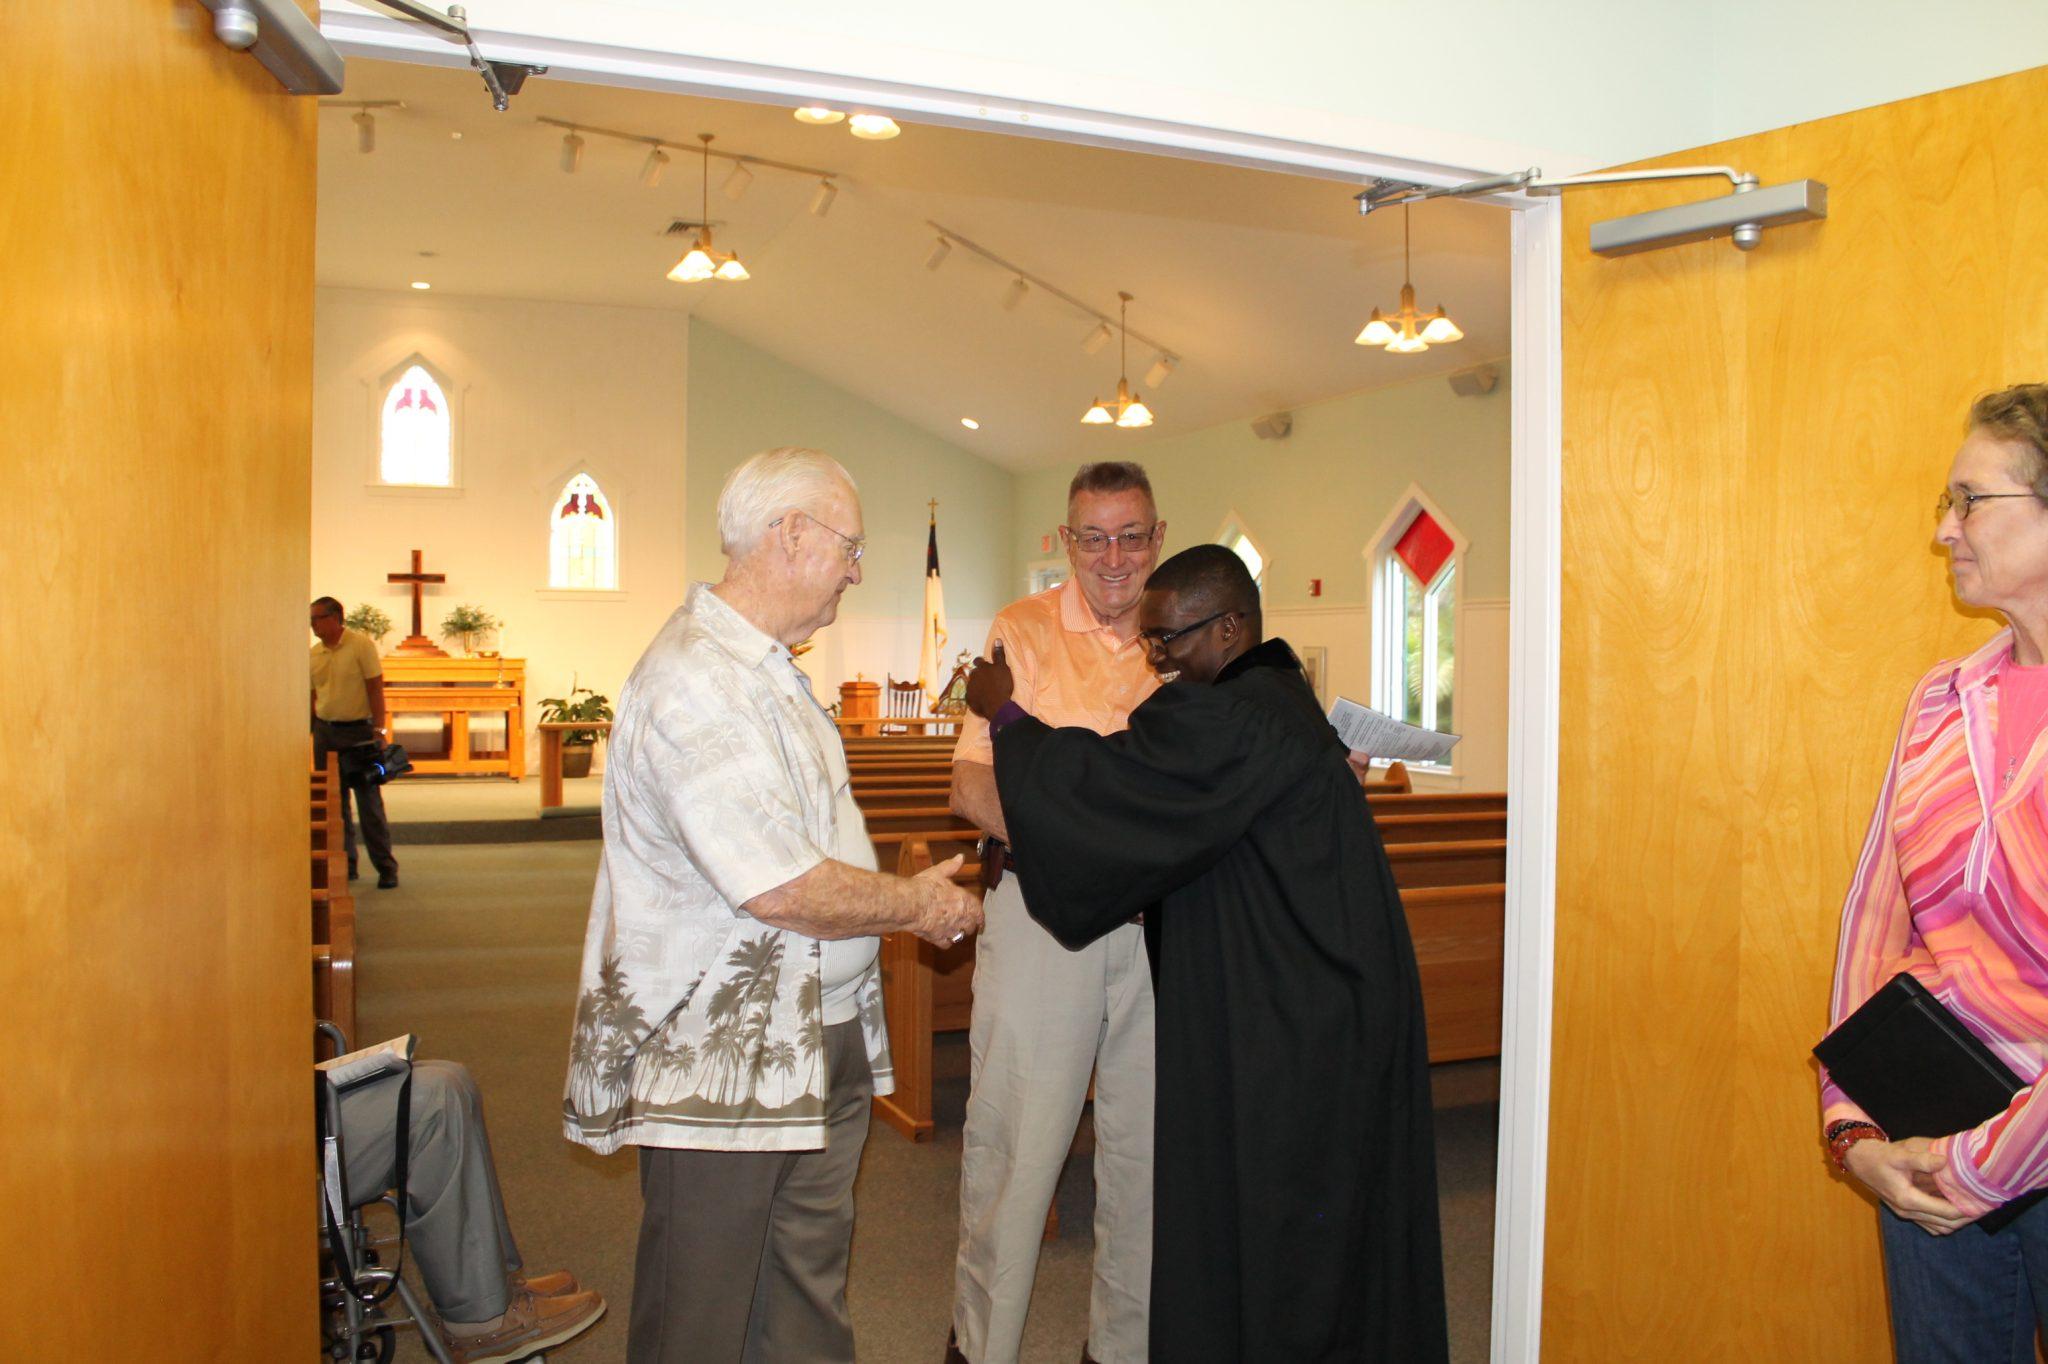 Redland Community United Methodist Church